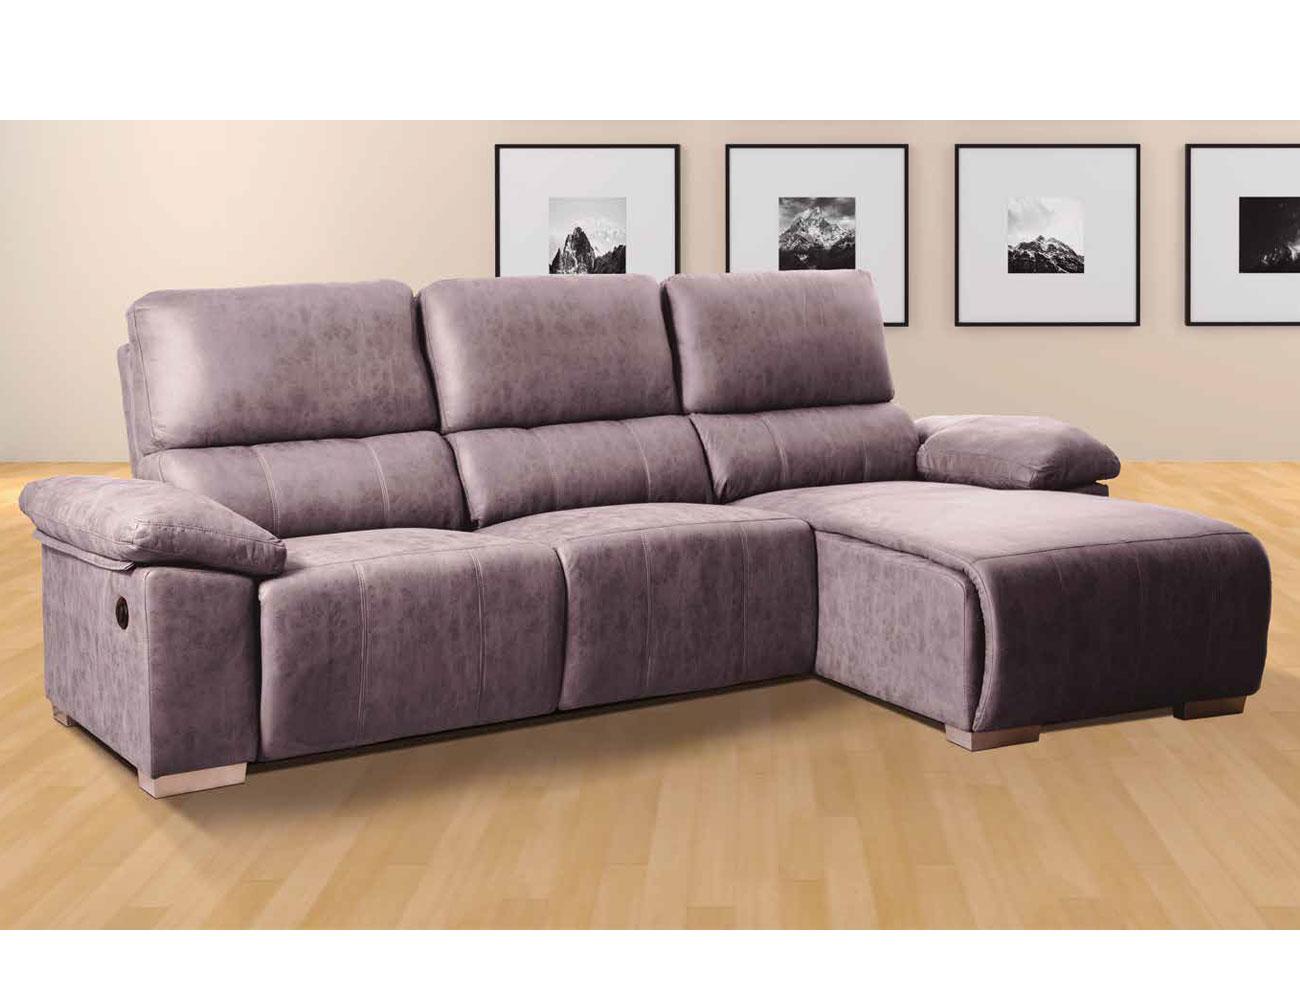 Sofa india cemento